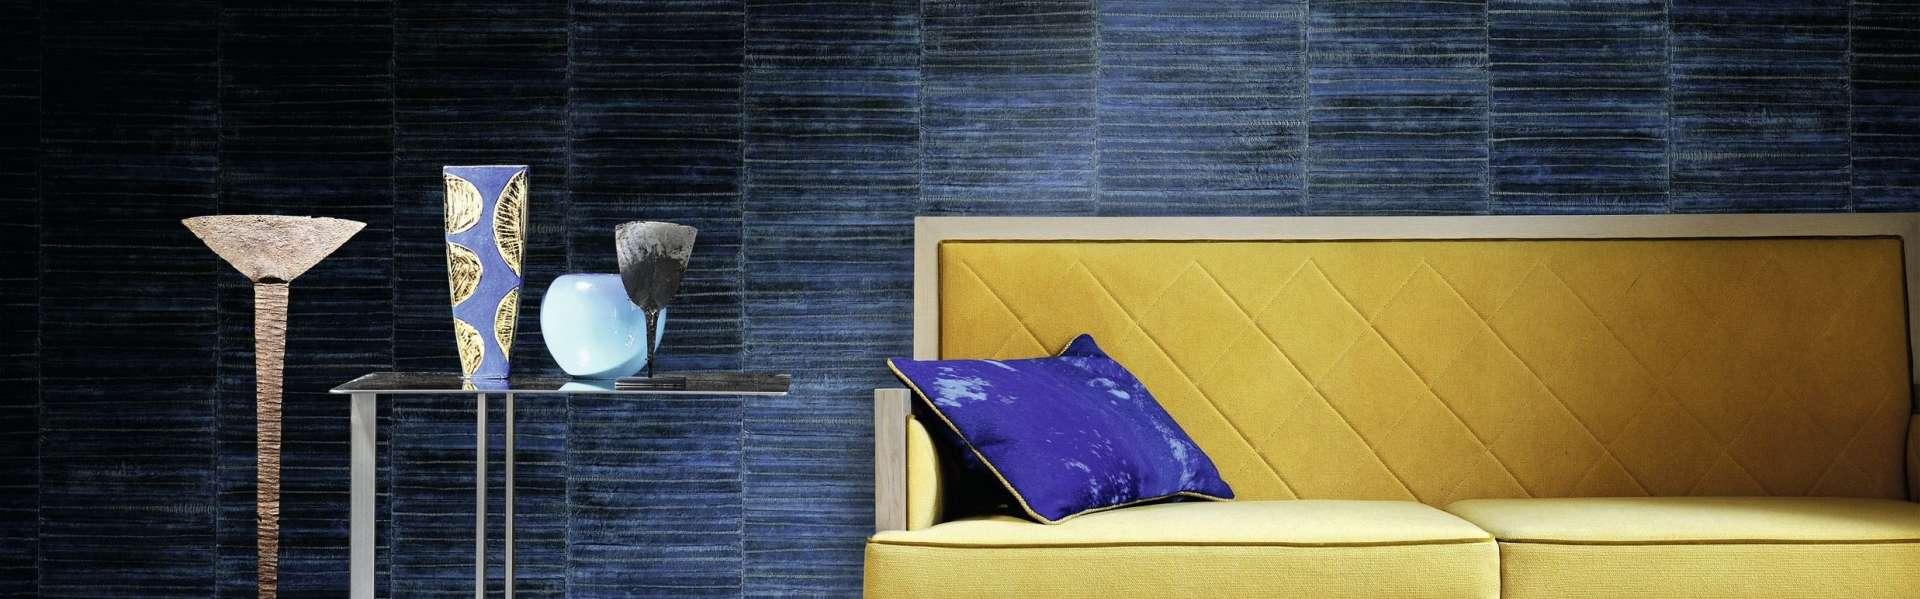 Bild Tapete blau Wohnzimmer